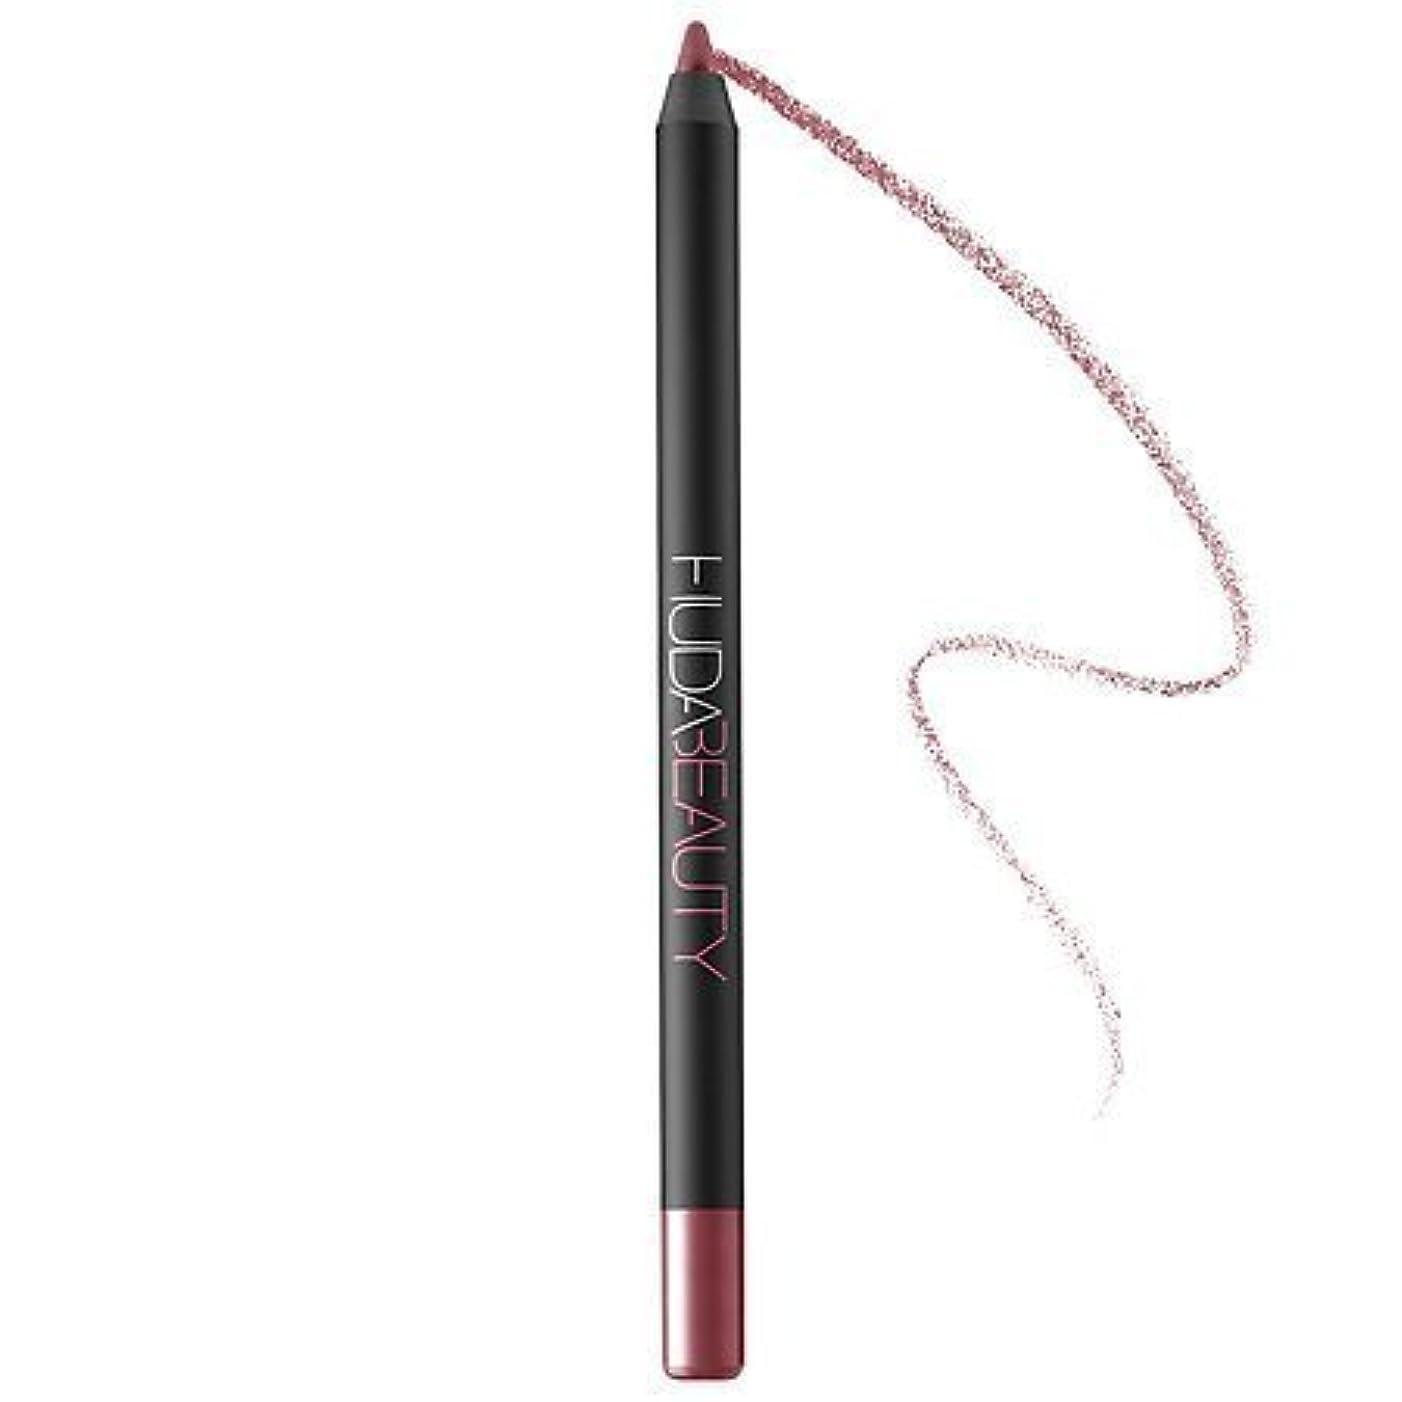 めまい予測する膨らみHuda Beauty Lip Contour Matte Pencil - Trophy Wife by Huda Beauty [並行輸入品]